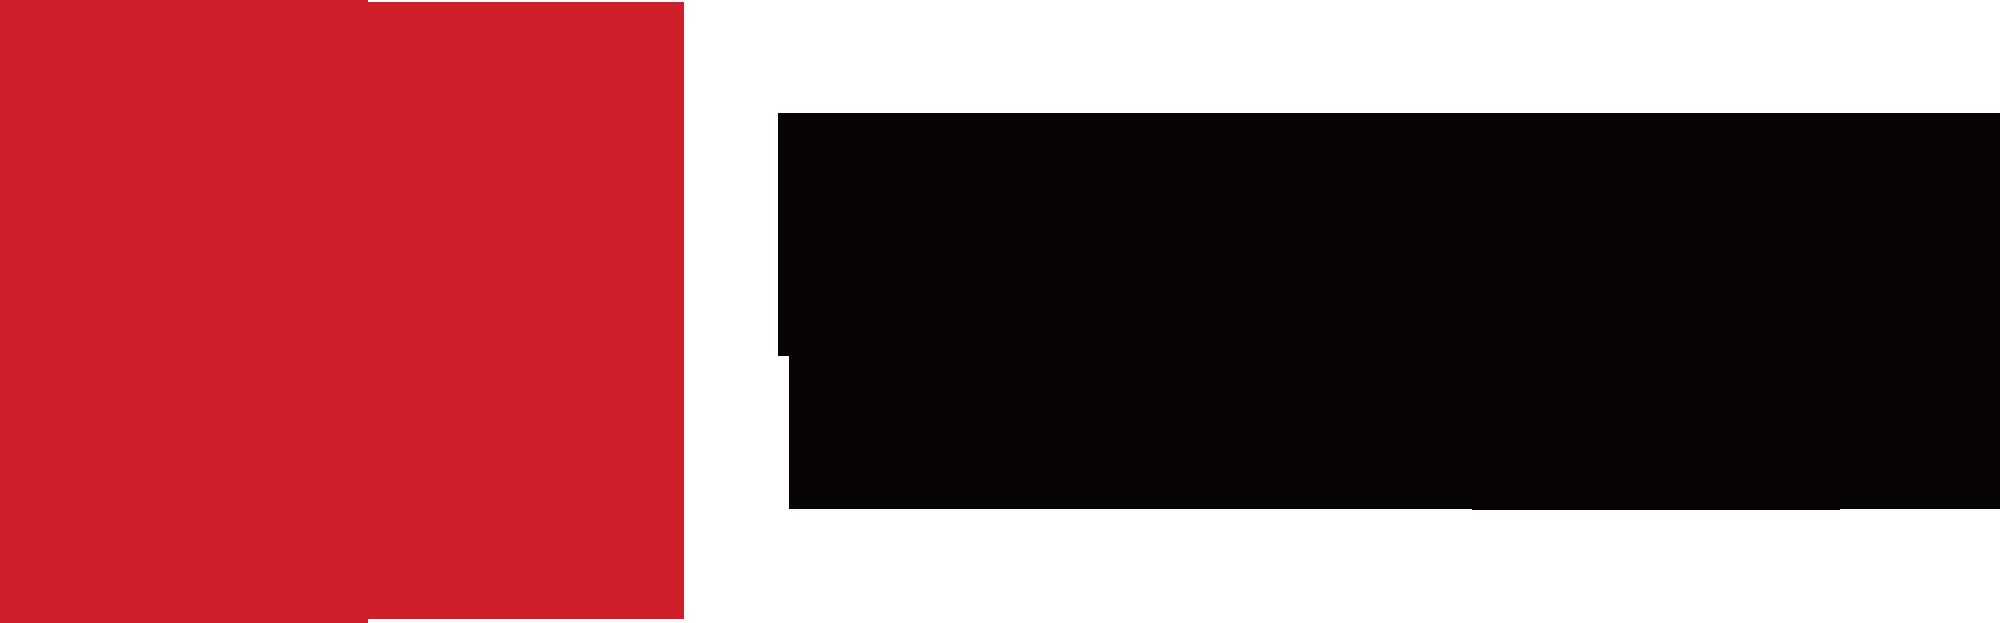 吴江市协和人力资源有限公司